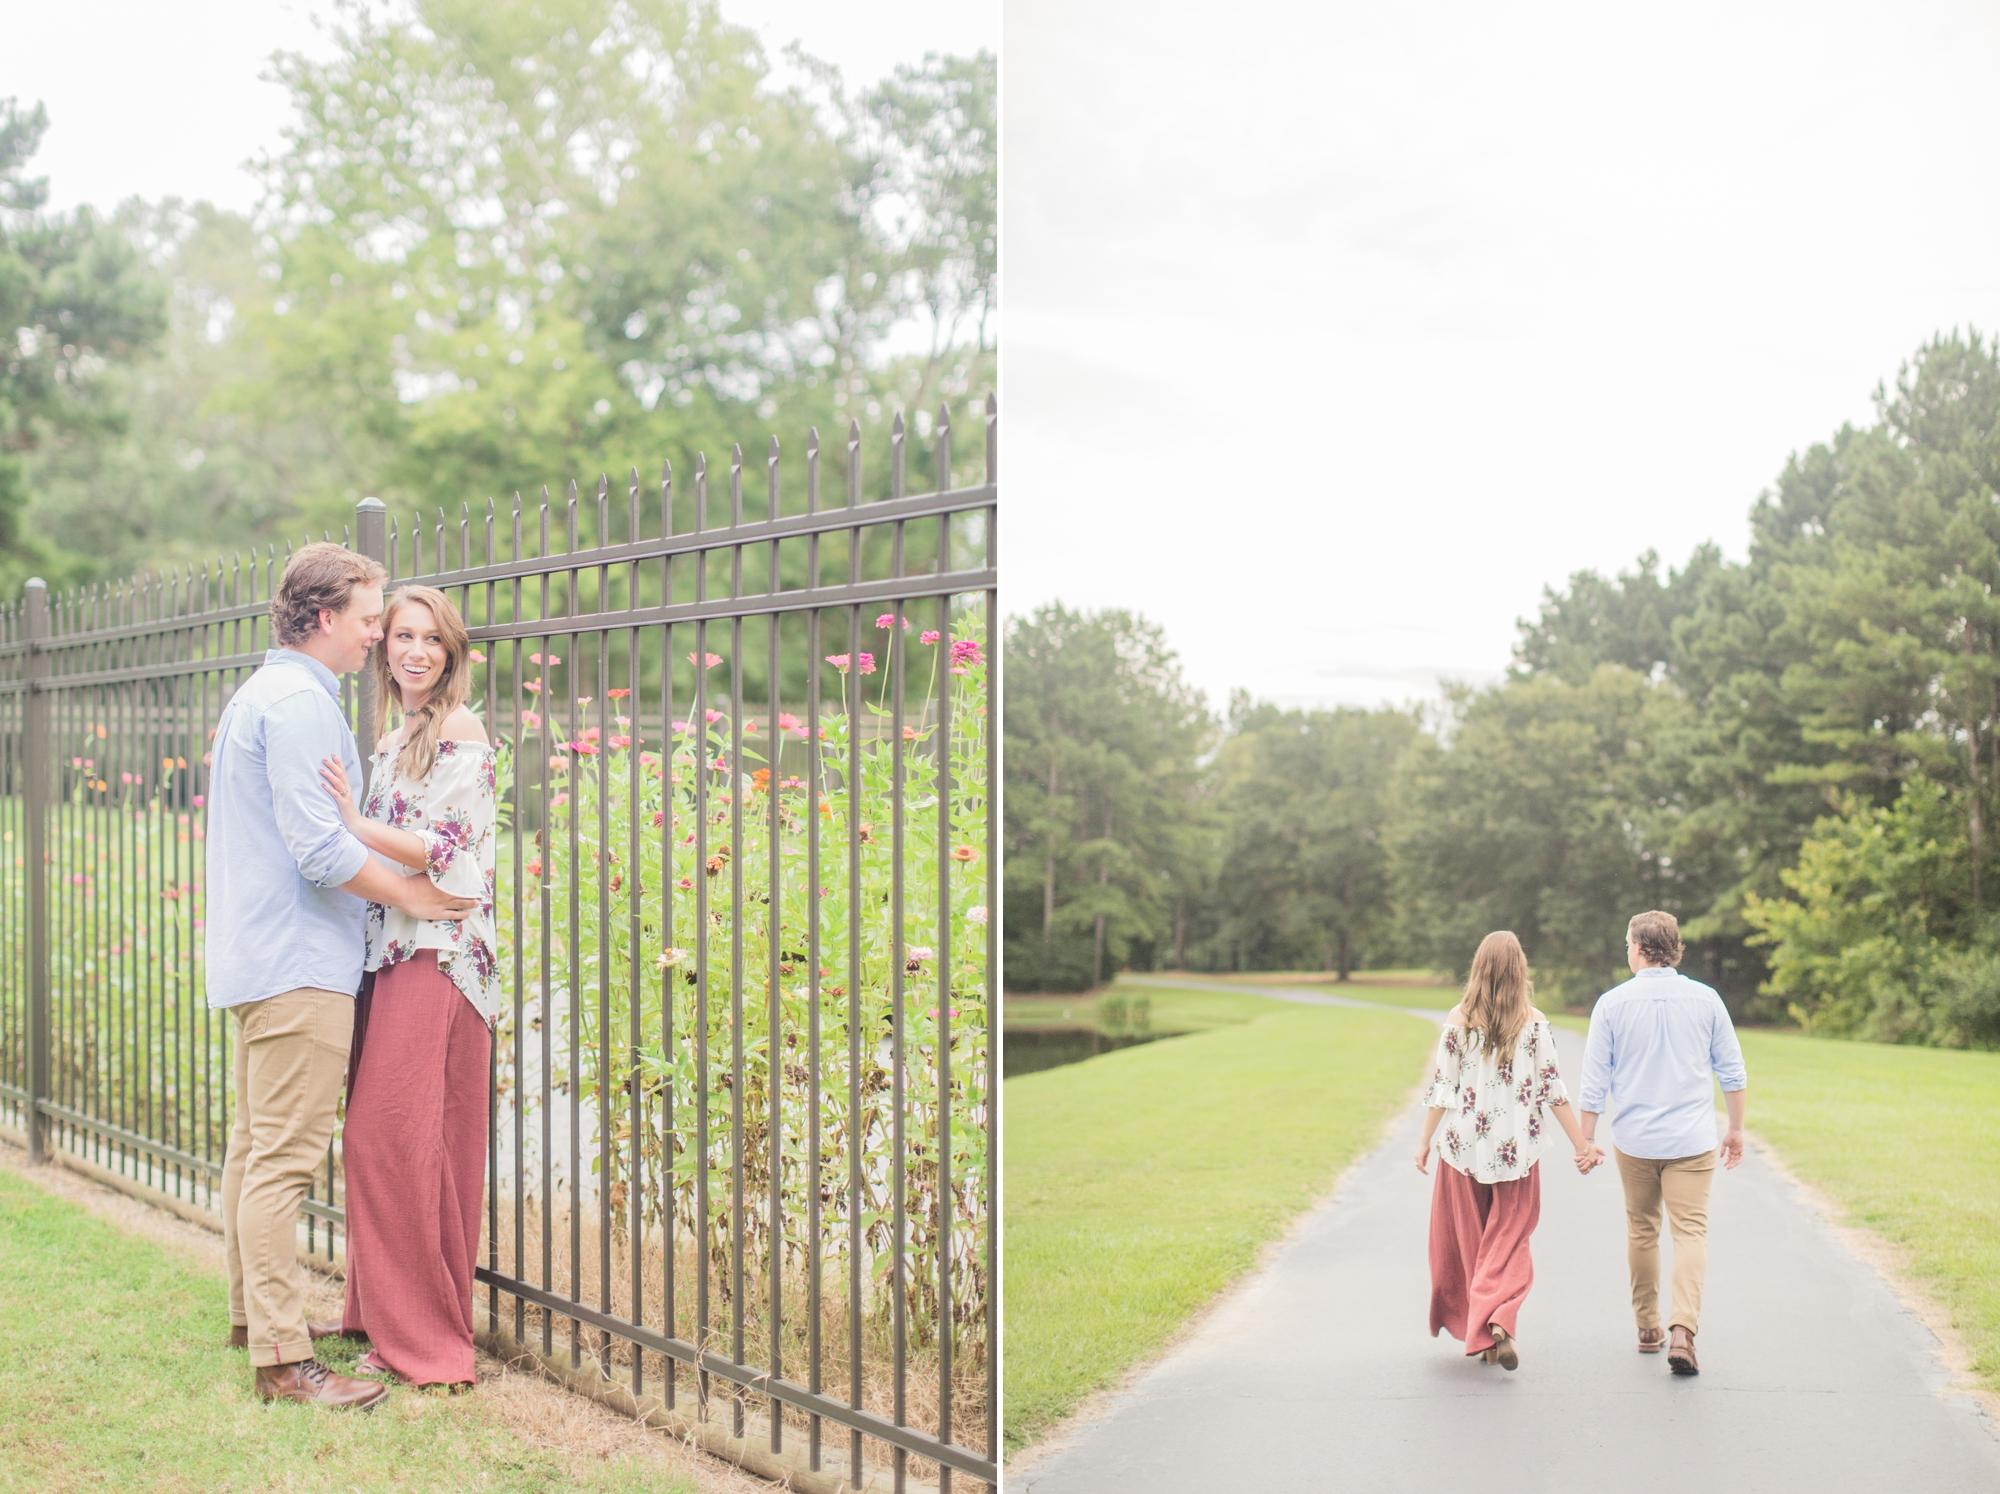 mississippi-summer-engagement 18.jpg